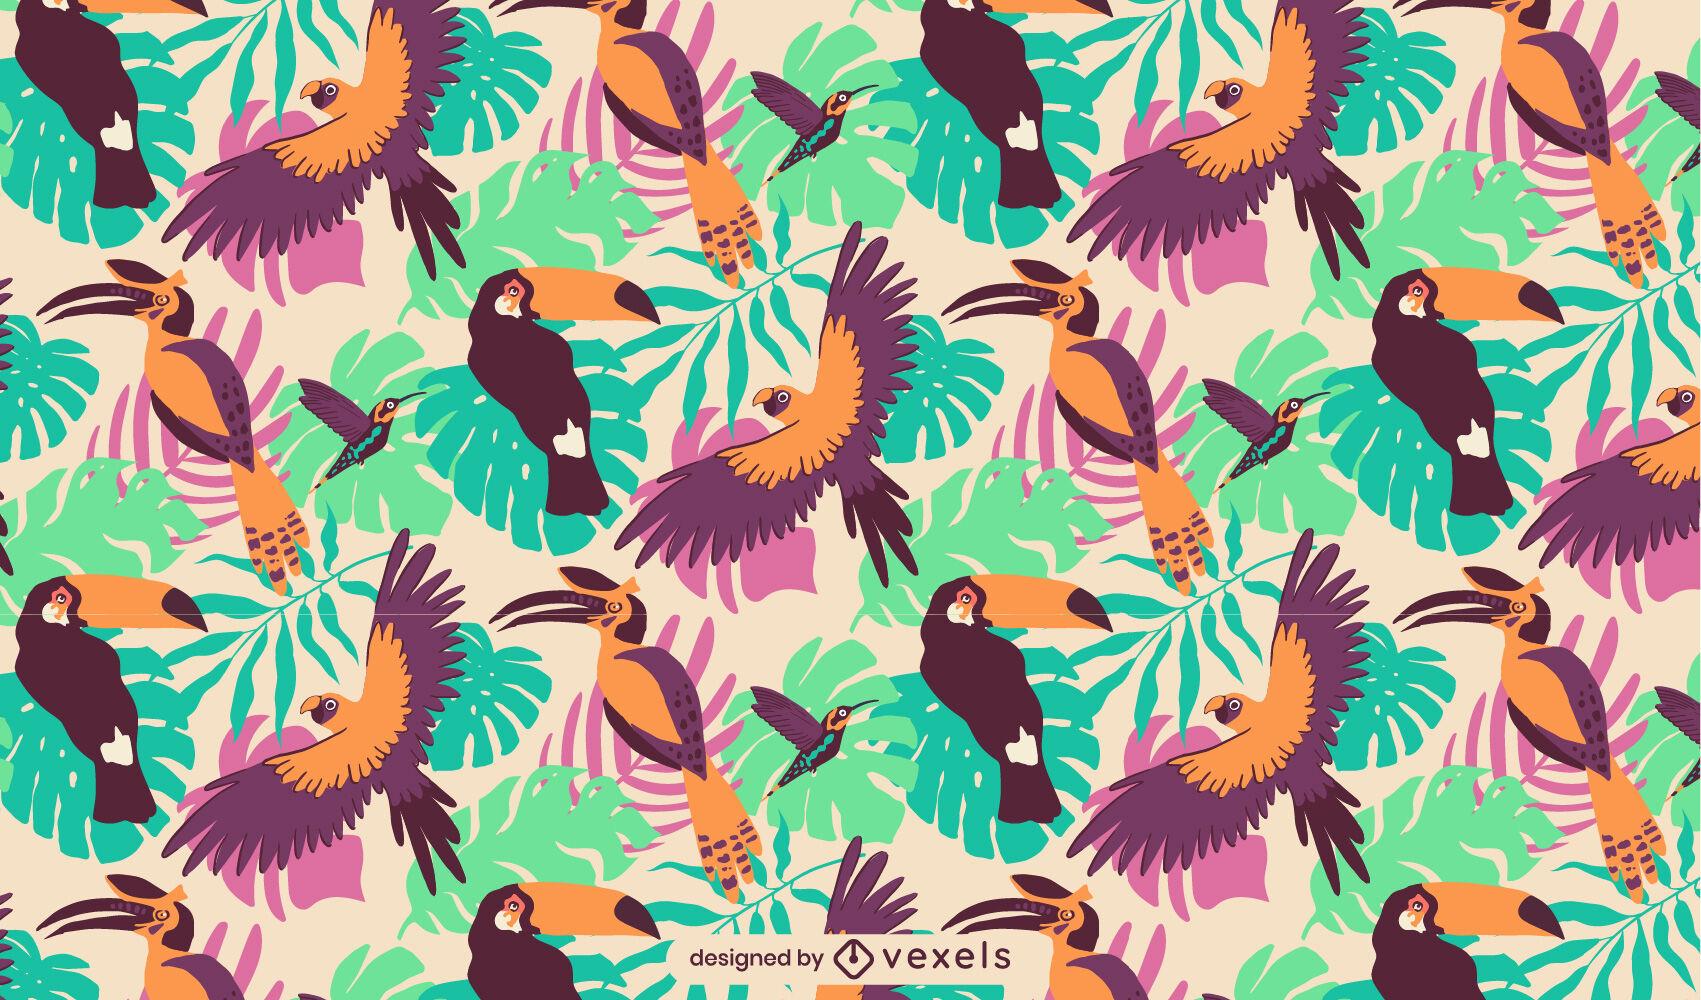 Diseño de patrón tropical de aves tucán